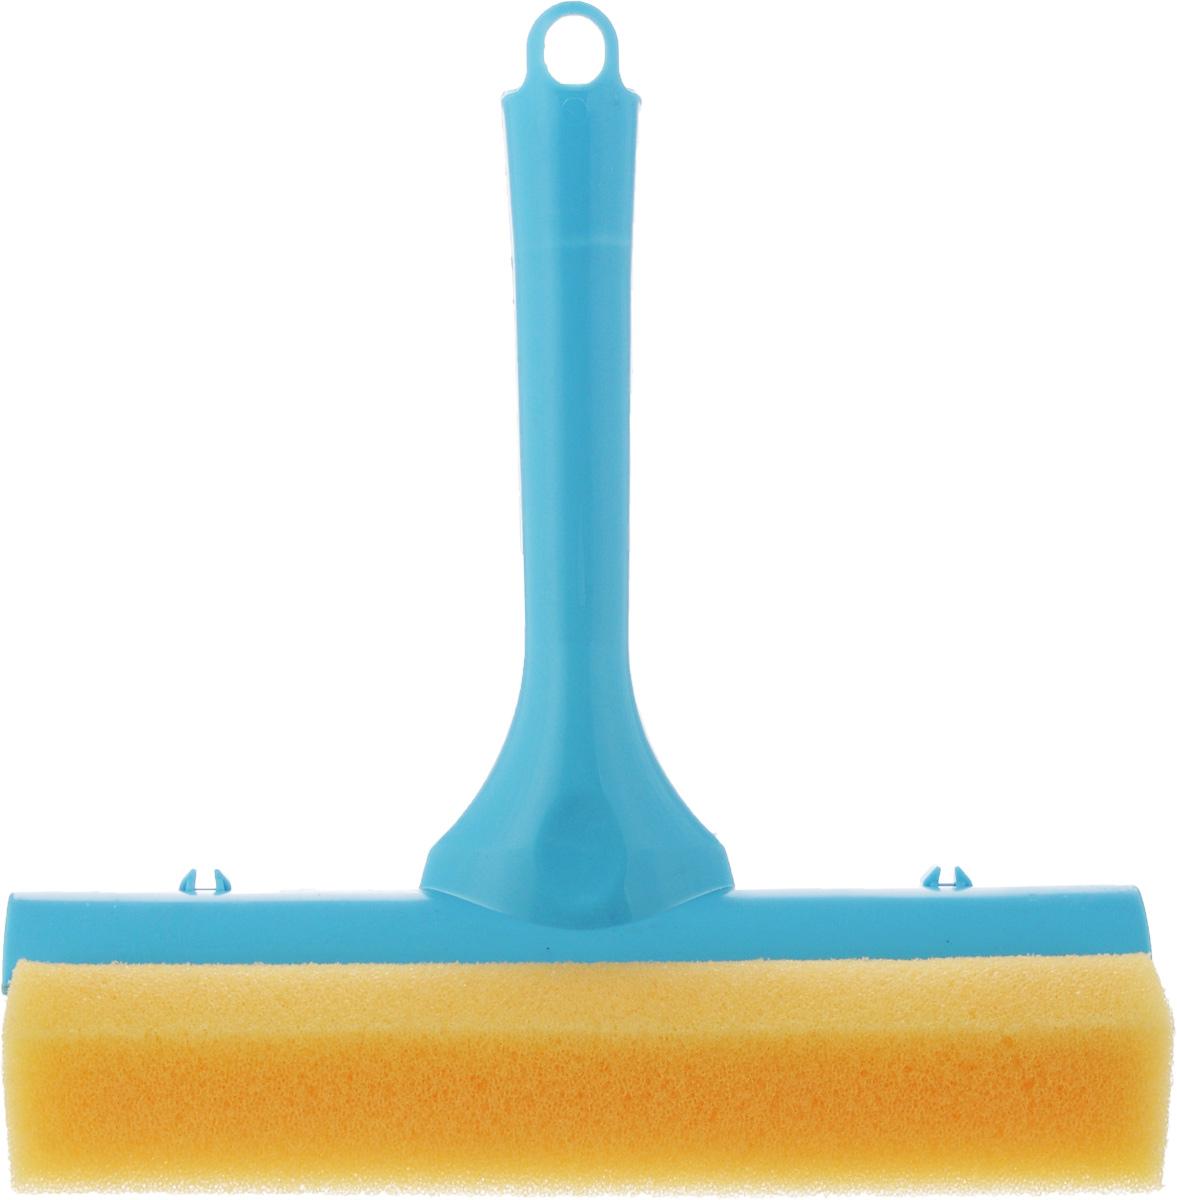 Стеклоочиститель York, с водосгоном, цвет: голубой, 19,5 см10503Стеклоочиститель York, выполненный изсложных полимеров, поролона и резины, станетнезаменимым помощником при уборке. Онстирает жидкость со стекла благодаря мягкойгубке, а для полного вытирания имеетсярезиновый водосгон. С помощью регулируемоголезвия стеклоочистителя можно подобратьнеобходимую длину. Длина ручки: 16 см.Ширина рабочей поверхности: 19,5 см.